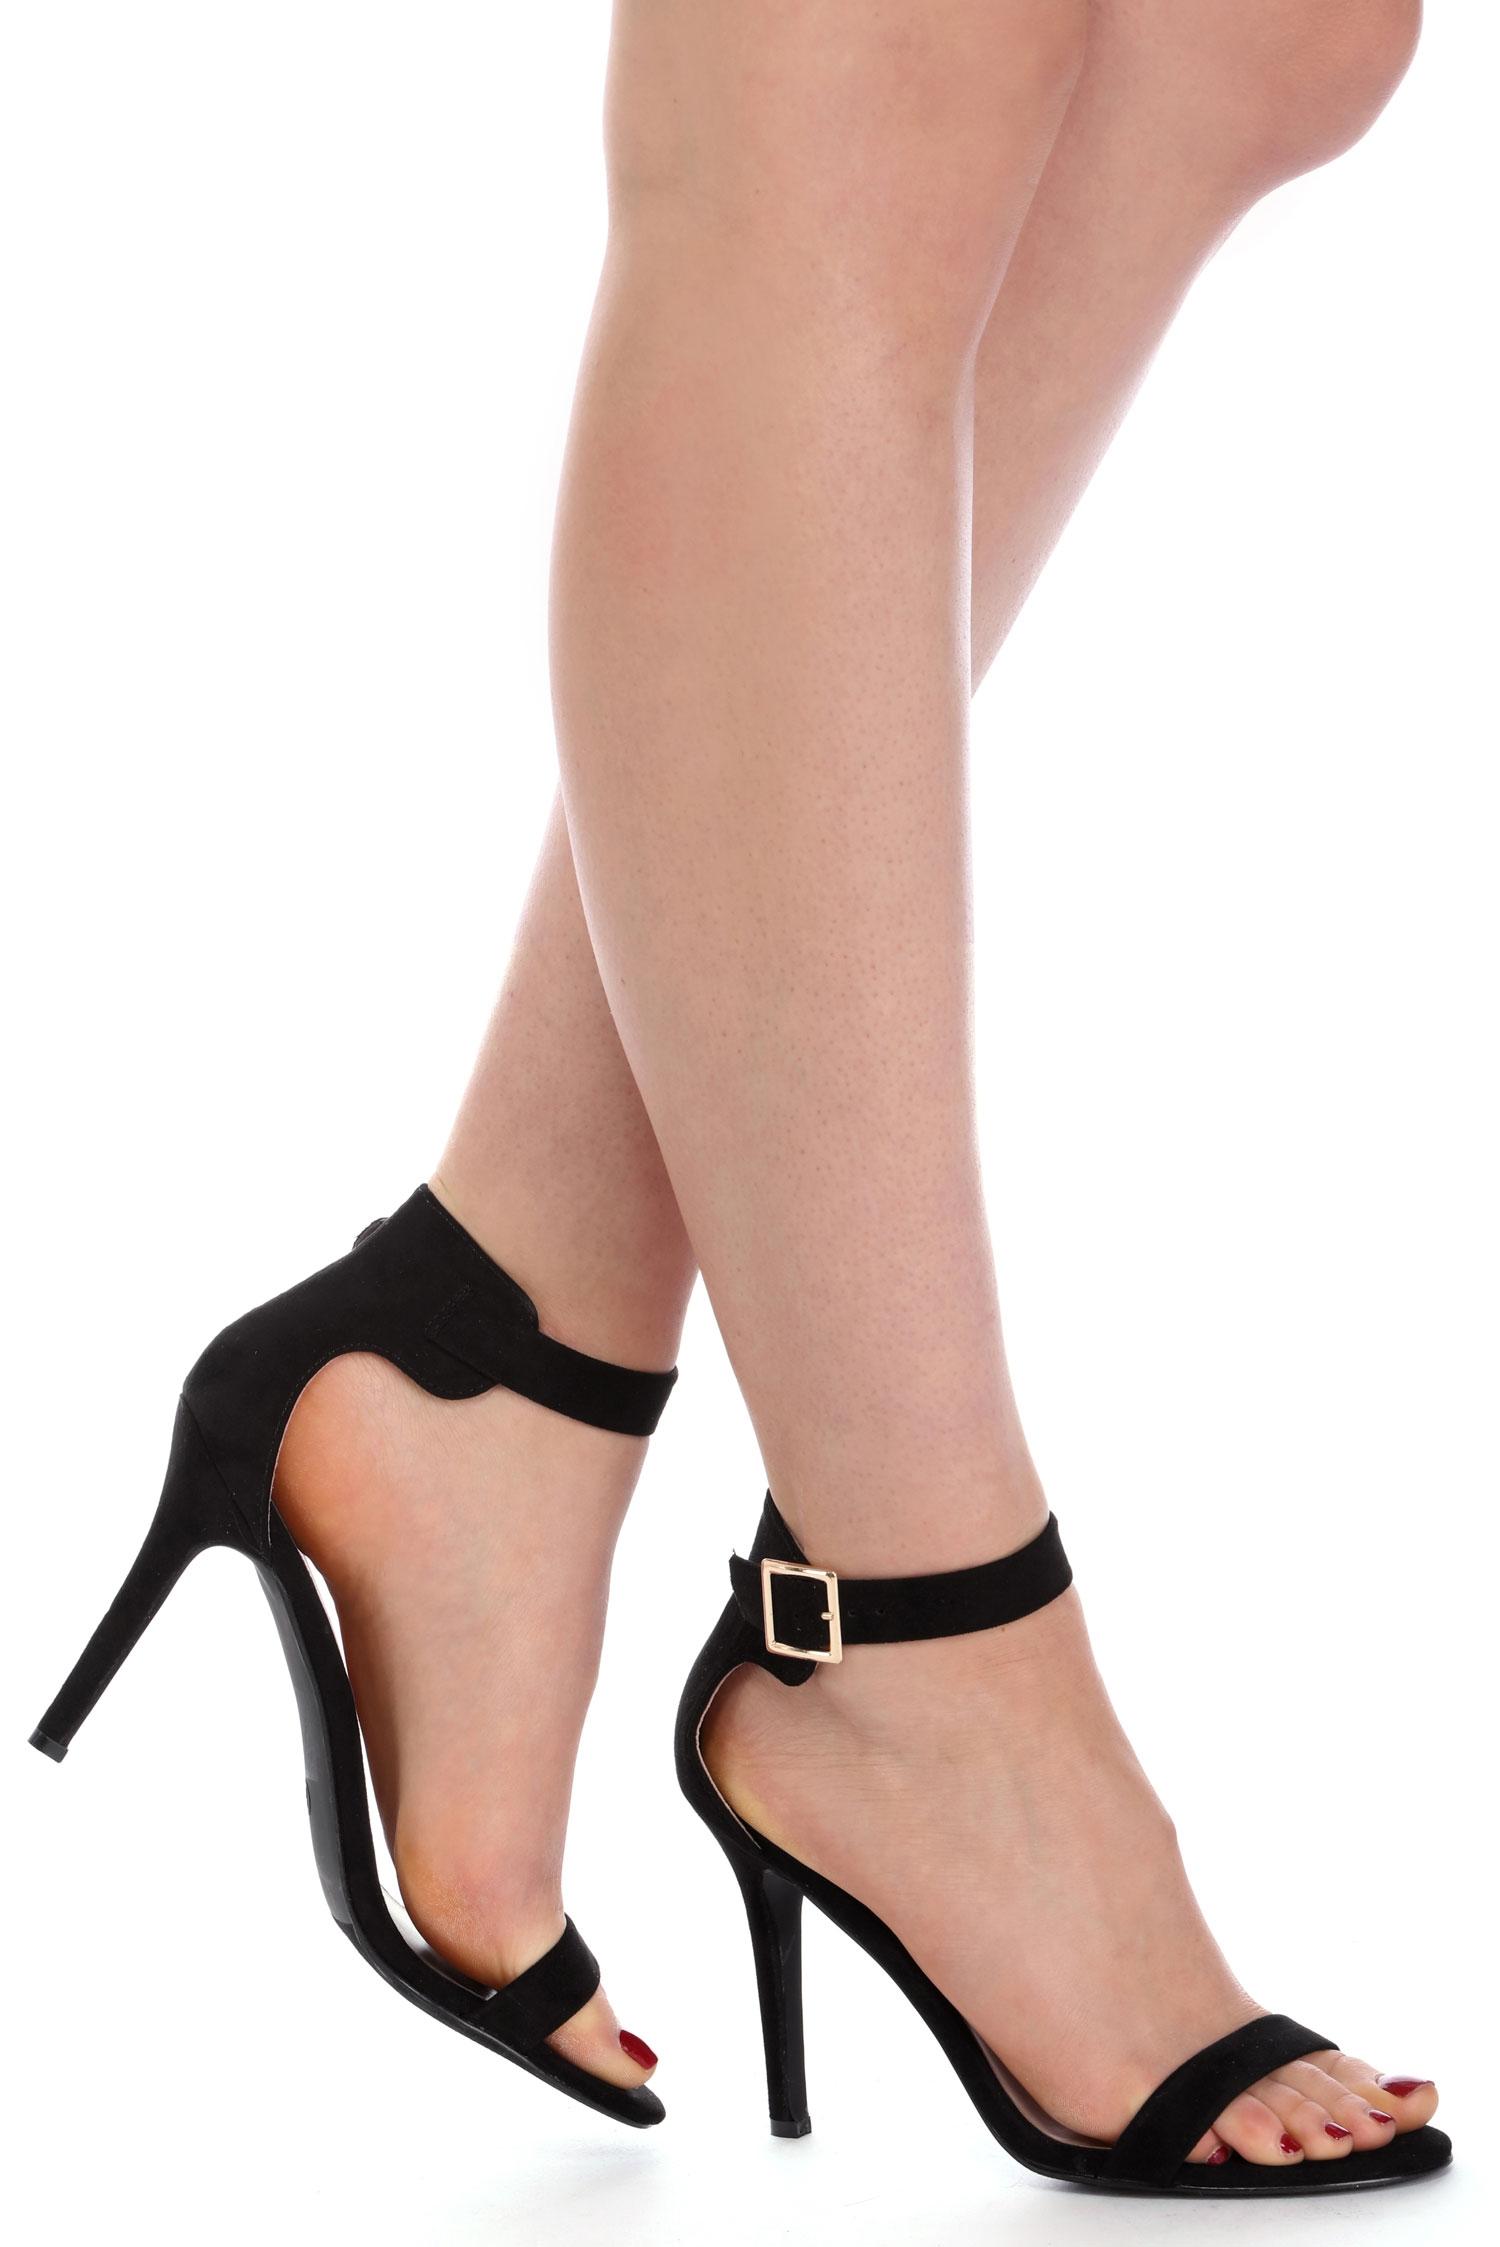 black heels black suede basic heels DTVMLQM